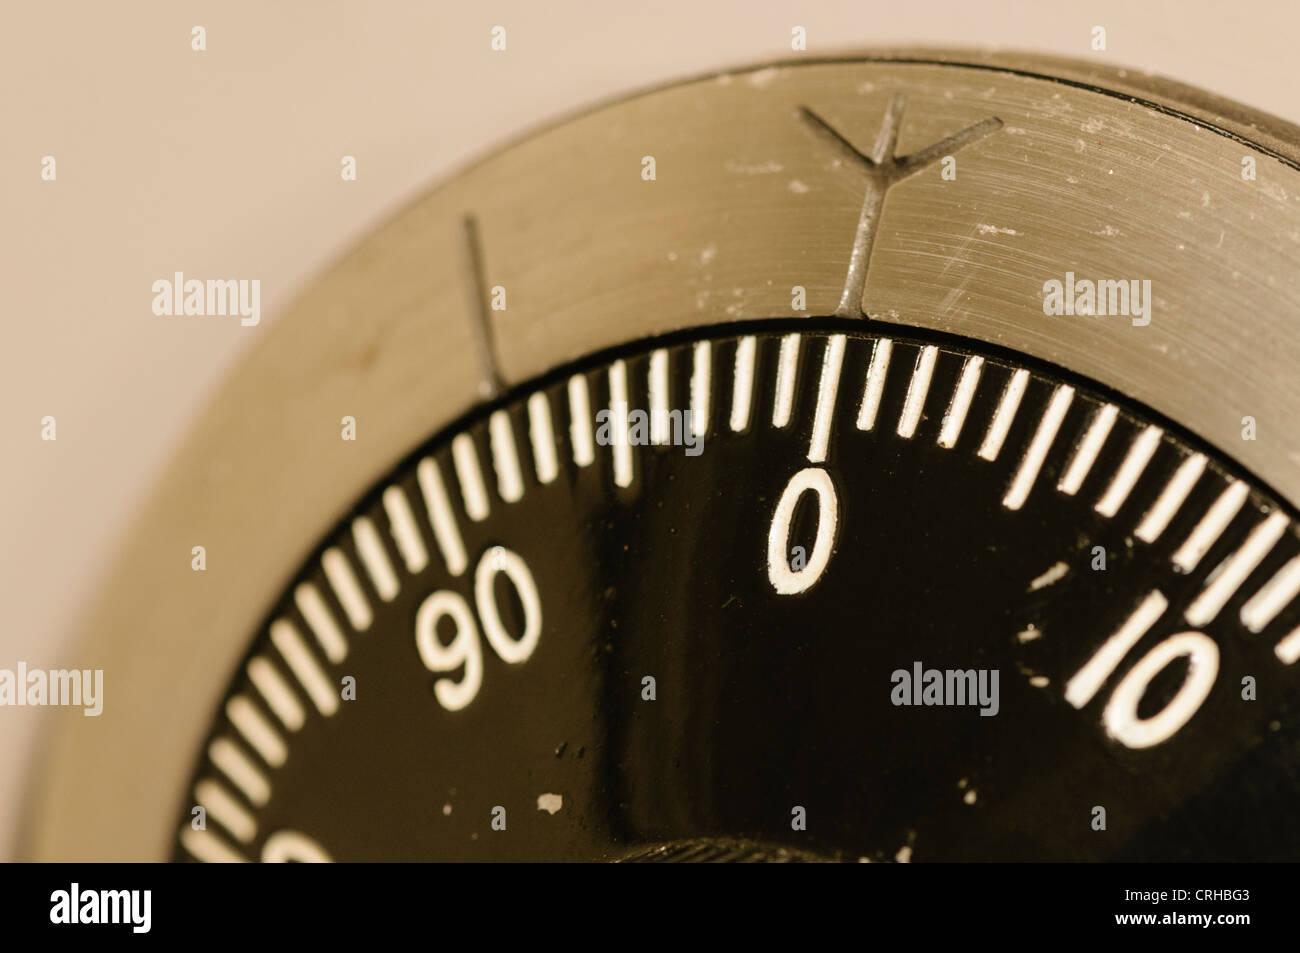 Nahaufnahme von einem Zahlenschloss auf Militär-Grade sicheren Safe mit dem Regler auf 0 gesetzt Stockbild